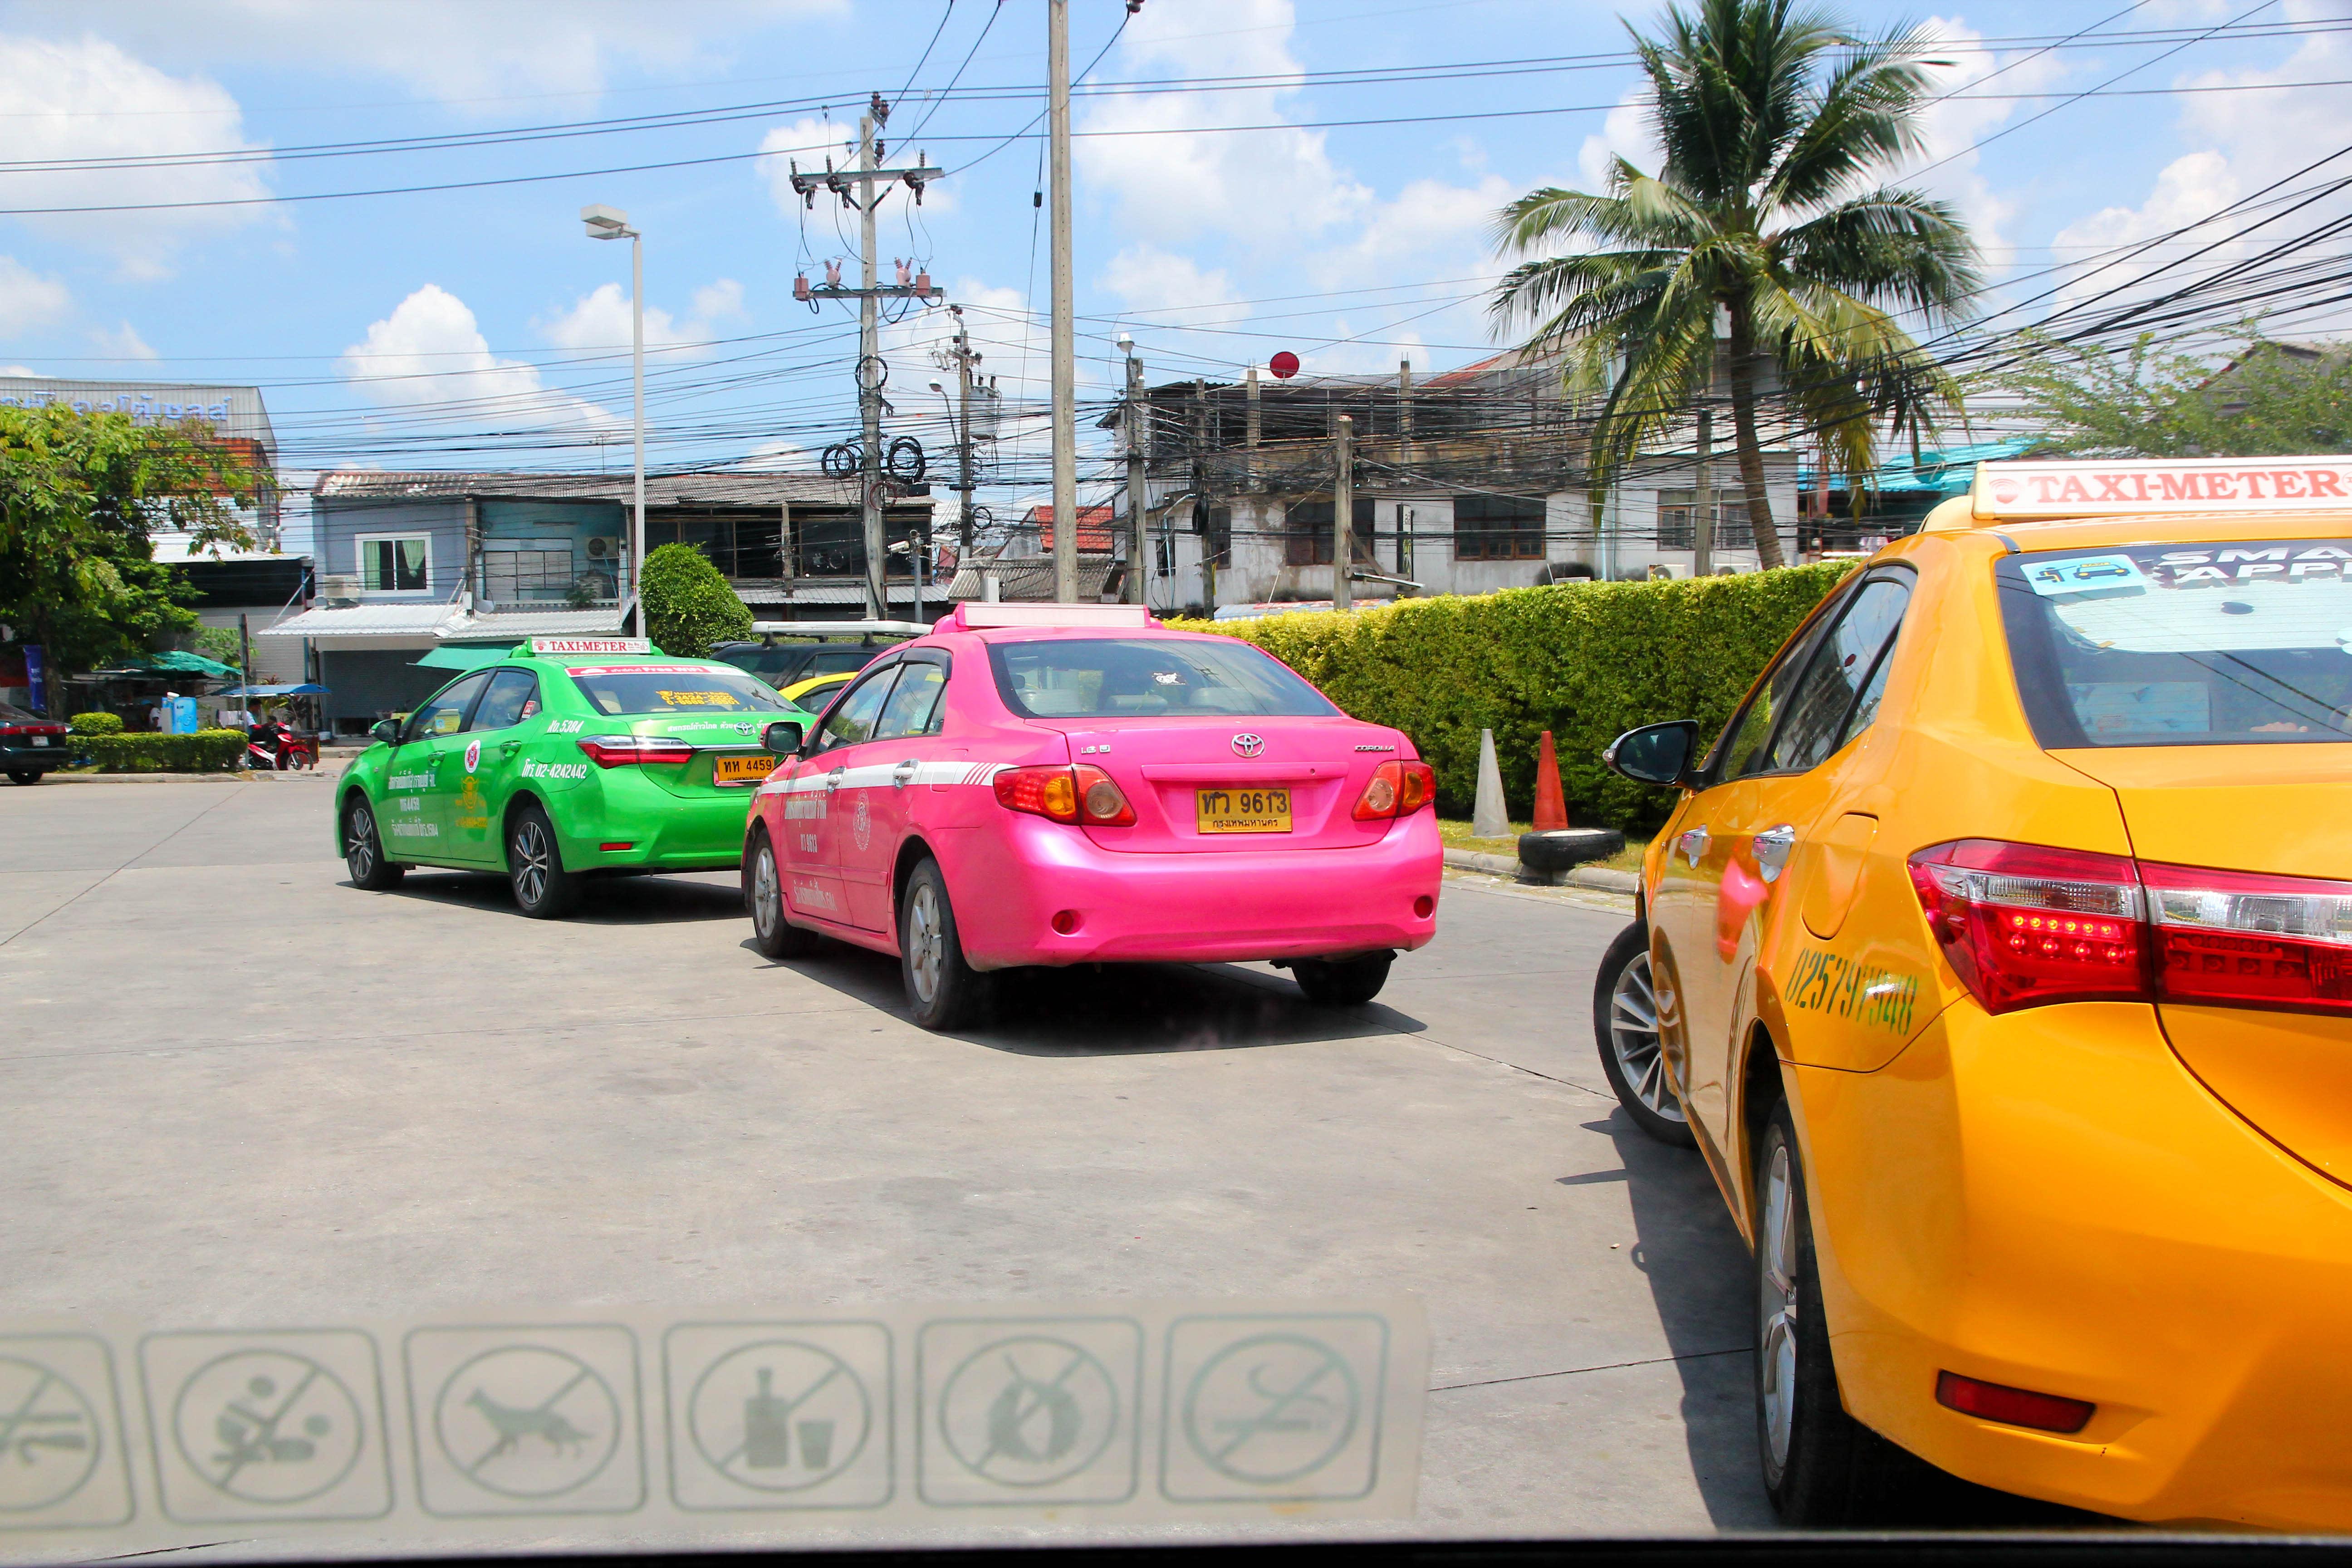 曼谷計程車有各種花俏的顏色。攝影:Rex